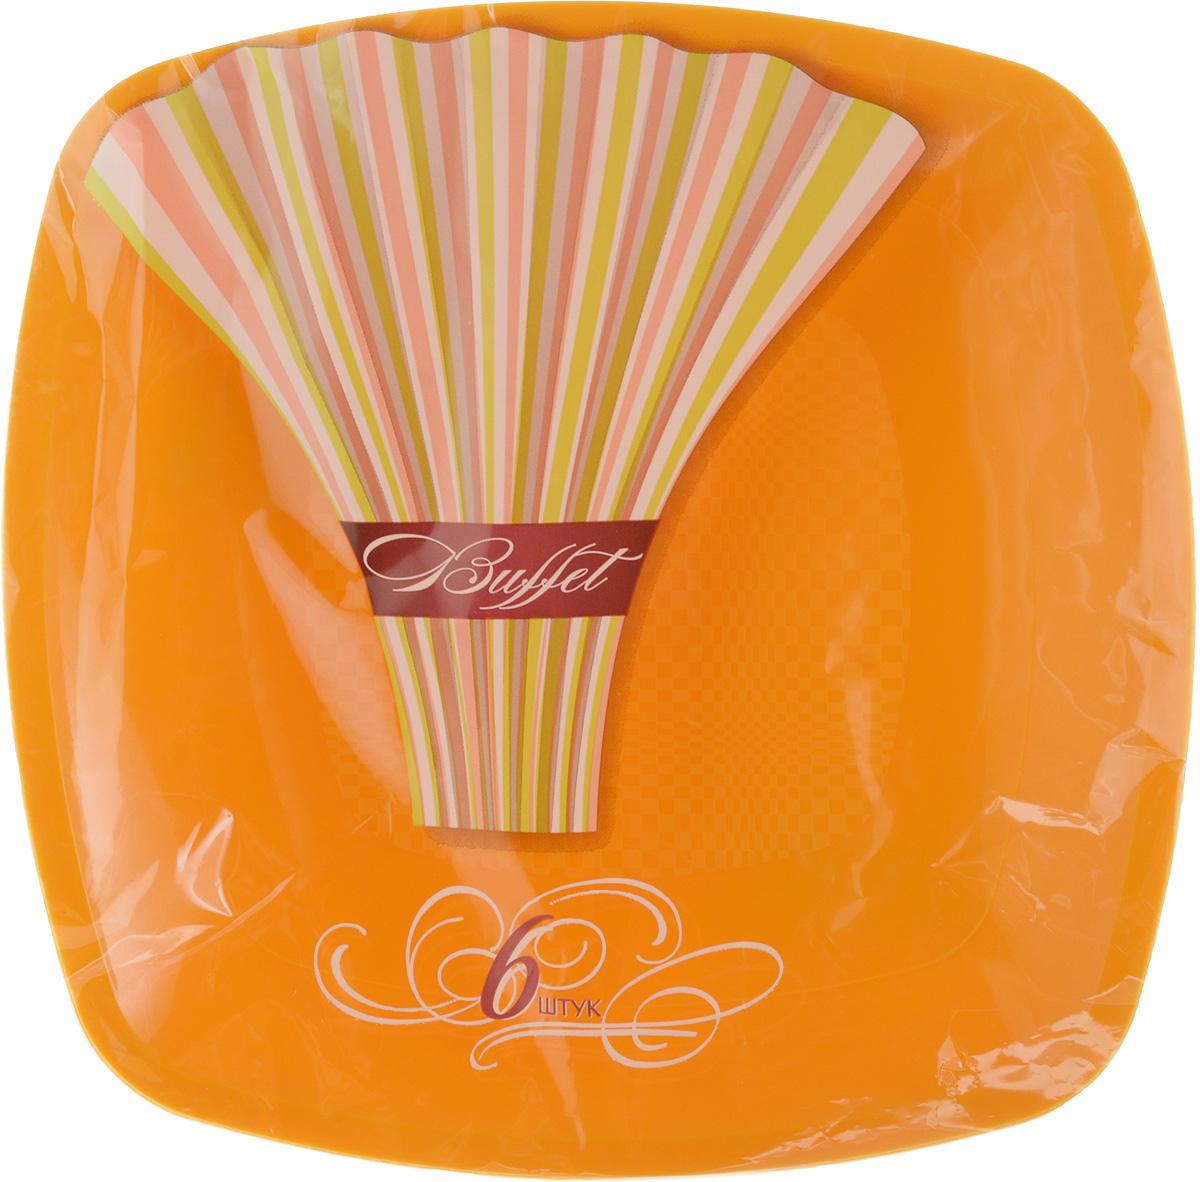 Набор одноразовых тарелок Buffet, цвет: оранжевый, 18 х 18 см, 6 шт183897/_желтыйНабор Buffet состоит из 6 тарелок, выполненных из полипропилена и предназначенных для одноразового использования. Такие тарелки подходят для пищевых продуктов и будут незаменимы при поездках на природу, пикниках и других мероприятиях. Они не займут много места, легки и самое главное - после использования их не надо мыть.Размер тарелки: 18 х 18 см.